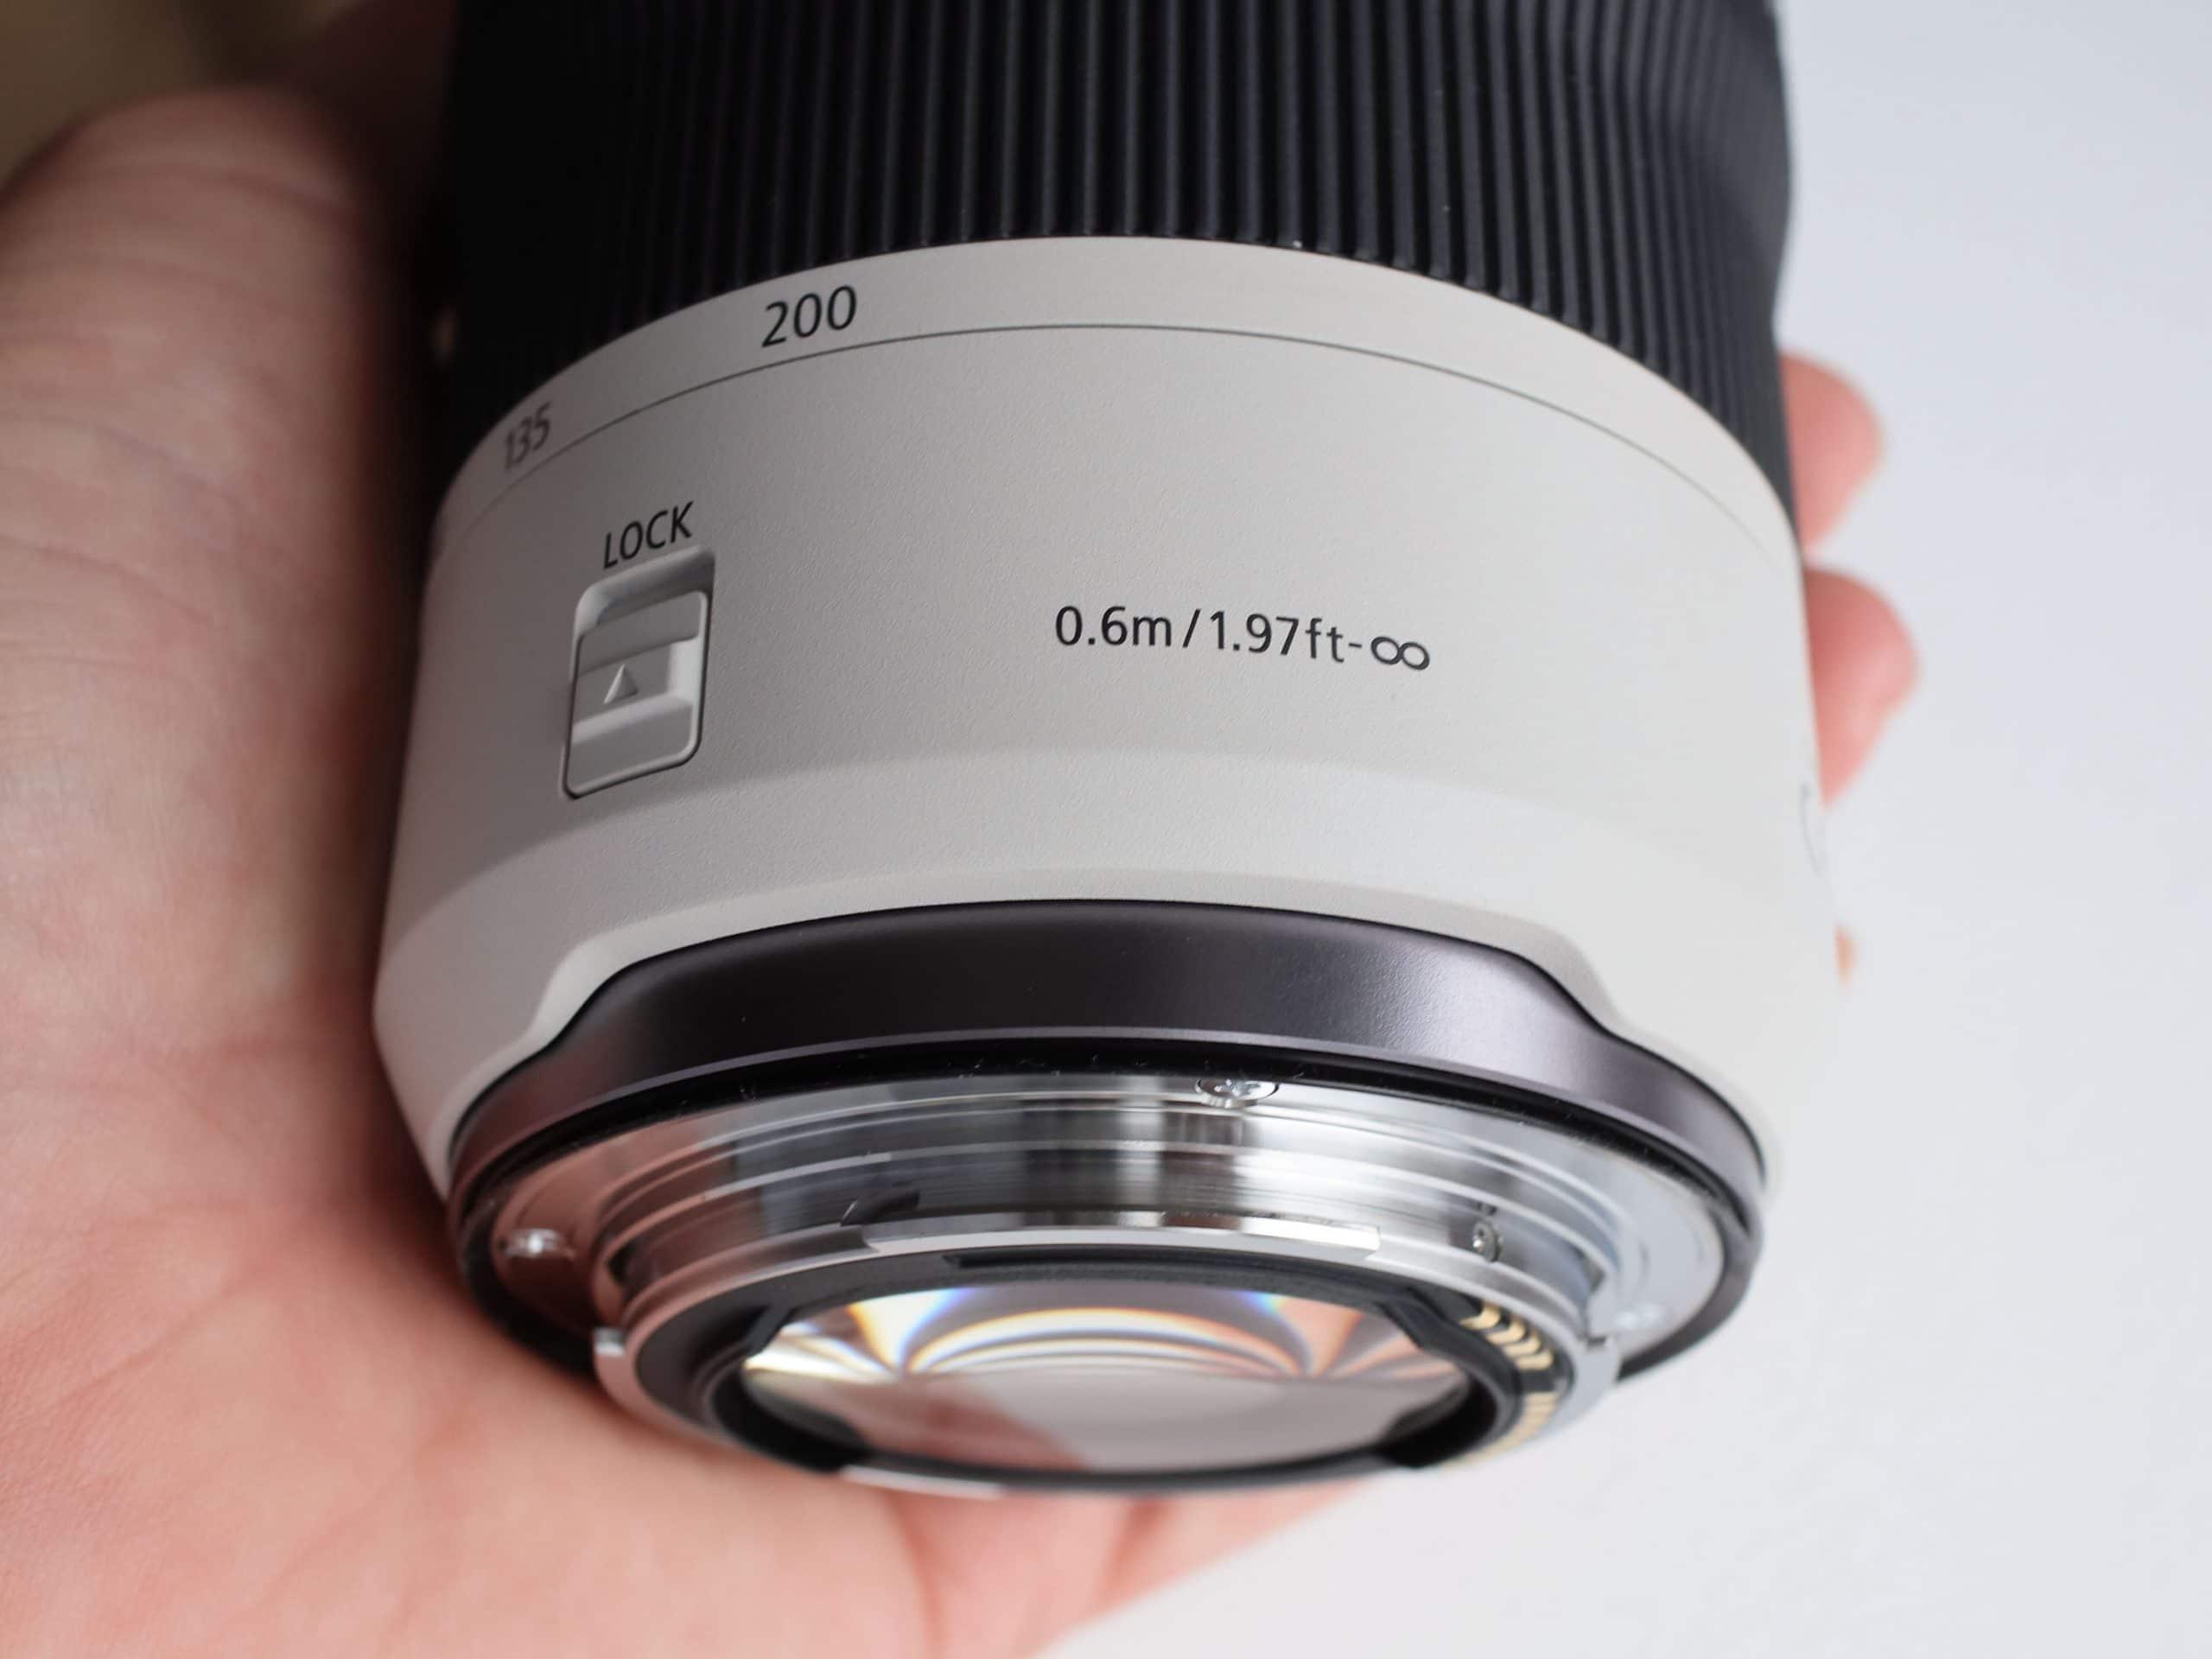 Canon ra mắt ống kính RF 70-200mm F4L cỡ nhỏ và 50mm F1.8 STM mới